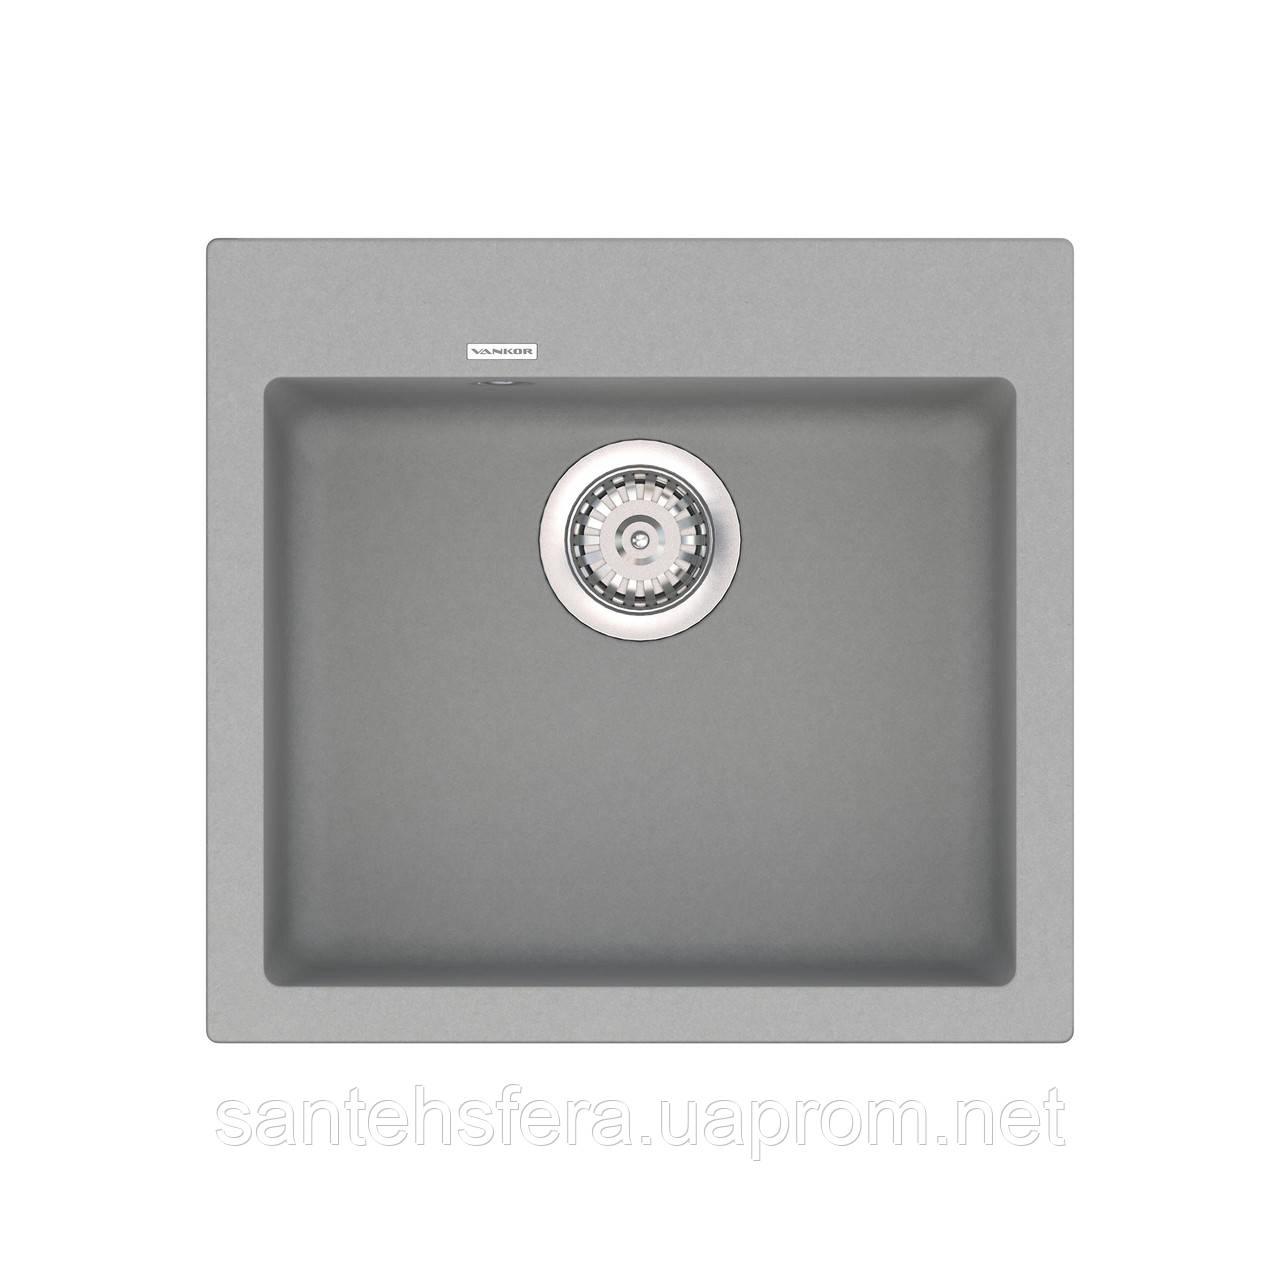 Кварцевая кухонная мойка VANKOR Orman OMP 01.49 Gray